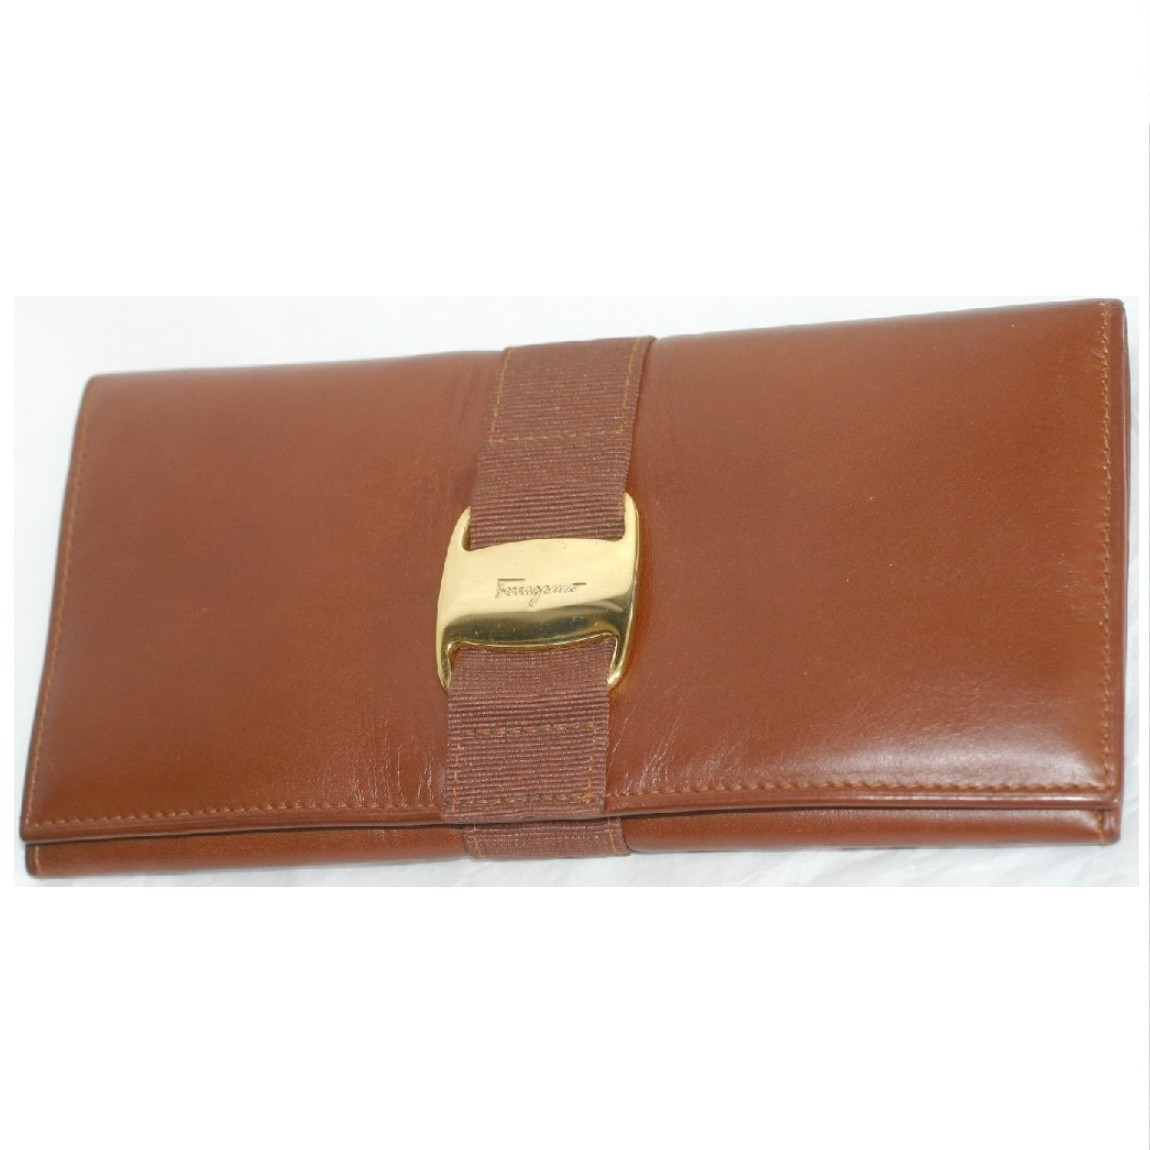 【中古】本物とても綺麗フェラガモ女性用茶色カーフ素材に金色VARAの金具のついたファスナー付長財布 サイズW9,5H19,2cm お勧めです